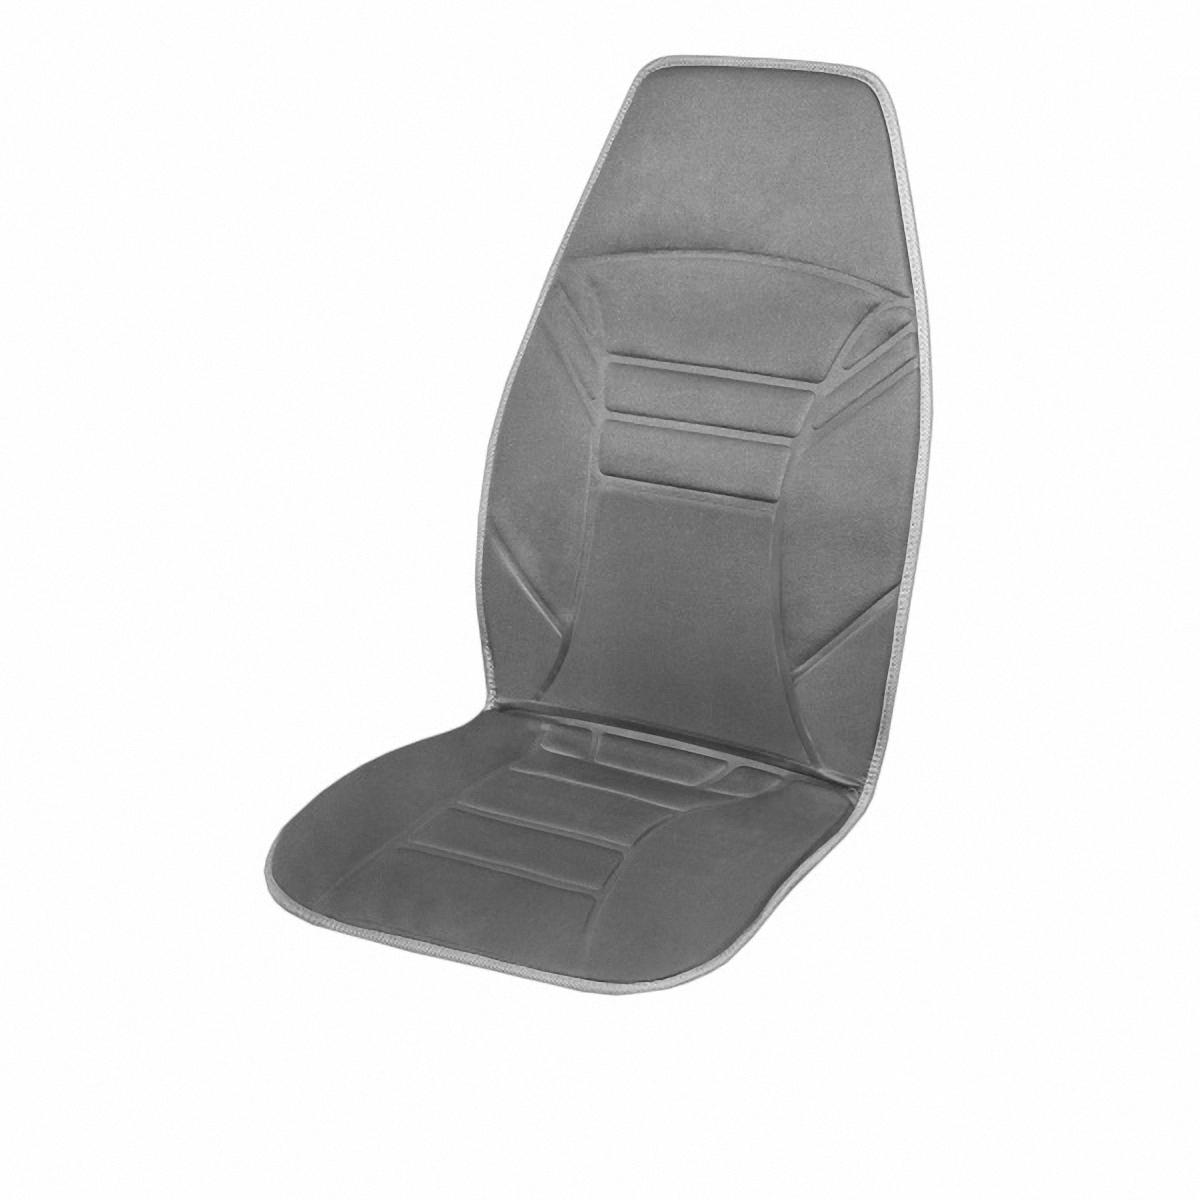 Подогрев для сиденья Skyway, со спинкой. S02201001Ветерок 2ГФПодогрев сиденья со спинкой с терморегулятором (2 режима) 12V; 2,5А-3А . Подогрев сидения – это сезонный товар и большой популярностью пользуется в осенне-зимний период. ТМ SKYWAY предлагает наружные подогревы сидений, изготовленные в виде накидки на автомобильное кресло. Преимущество наружных подогревов в простоте установки. Они крепятся ремнями к креслу автомобиля и подключаются к бортовой сети через гнездо прикуривателя.